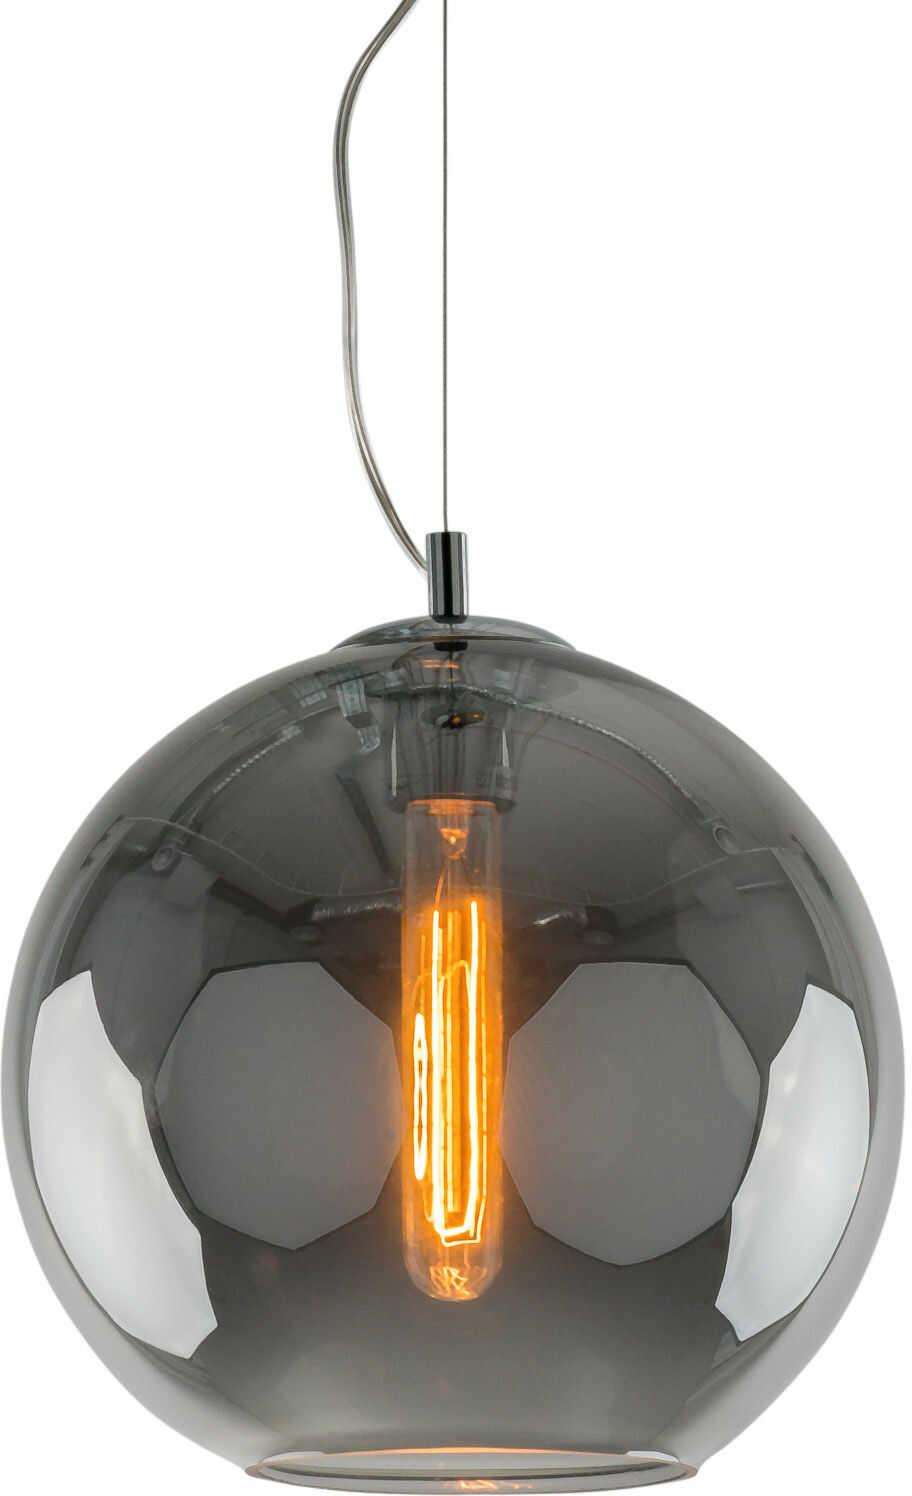 Italux Spectre MD-DC-6042C SMOKY lampa wisząca industrialna chrom metal klosz okrągły szkło 28cm IP20 E27 60W